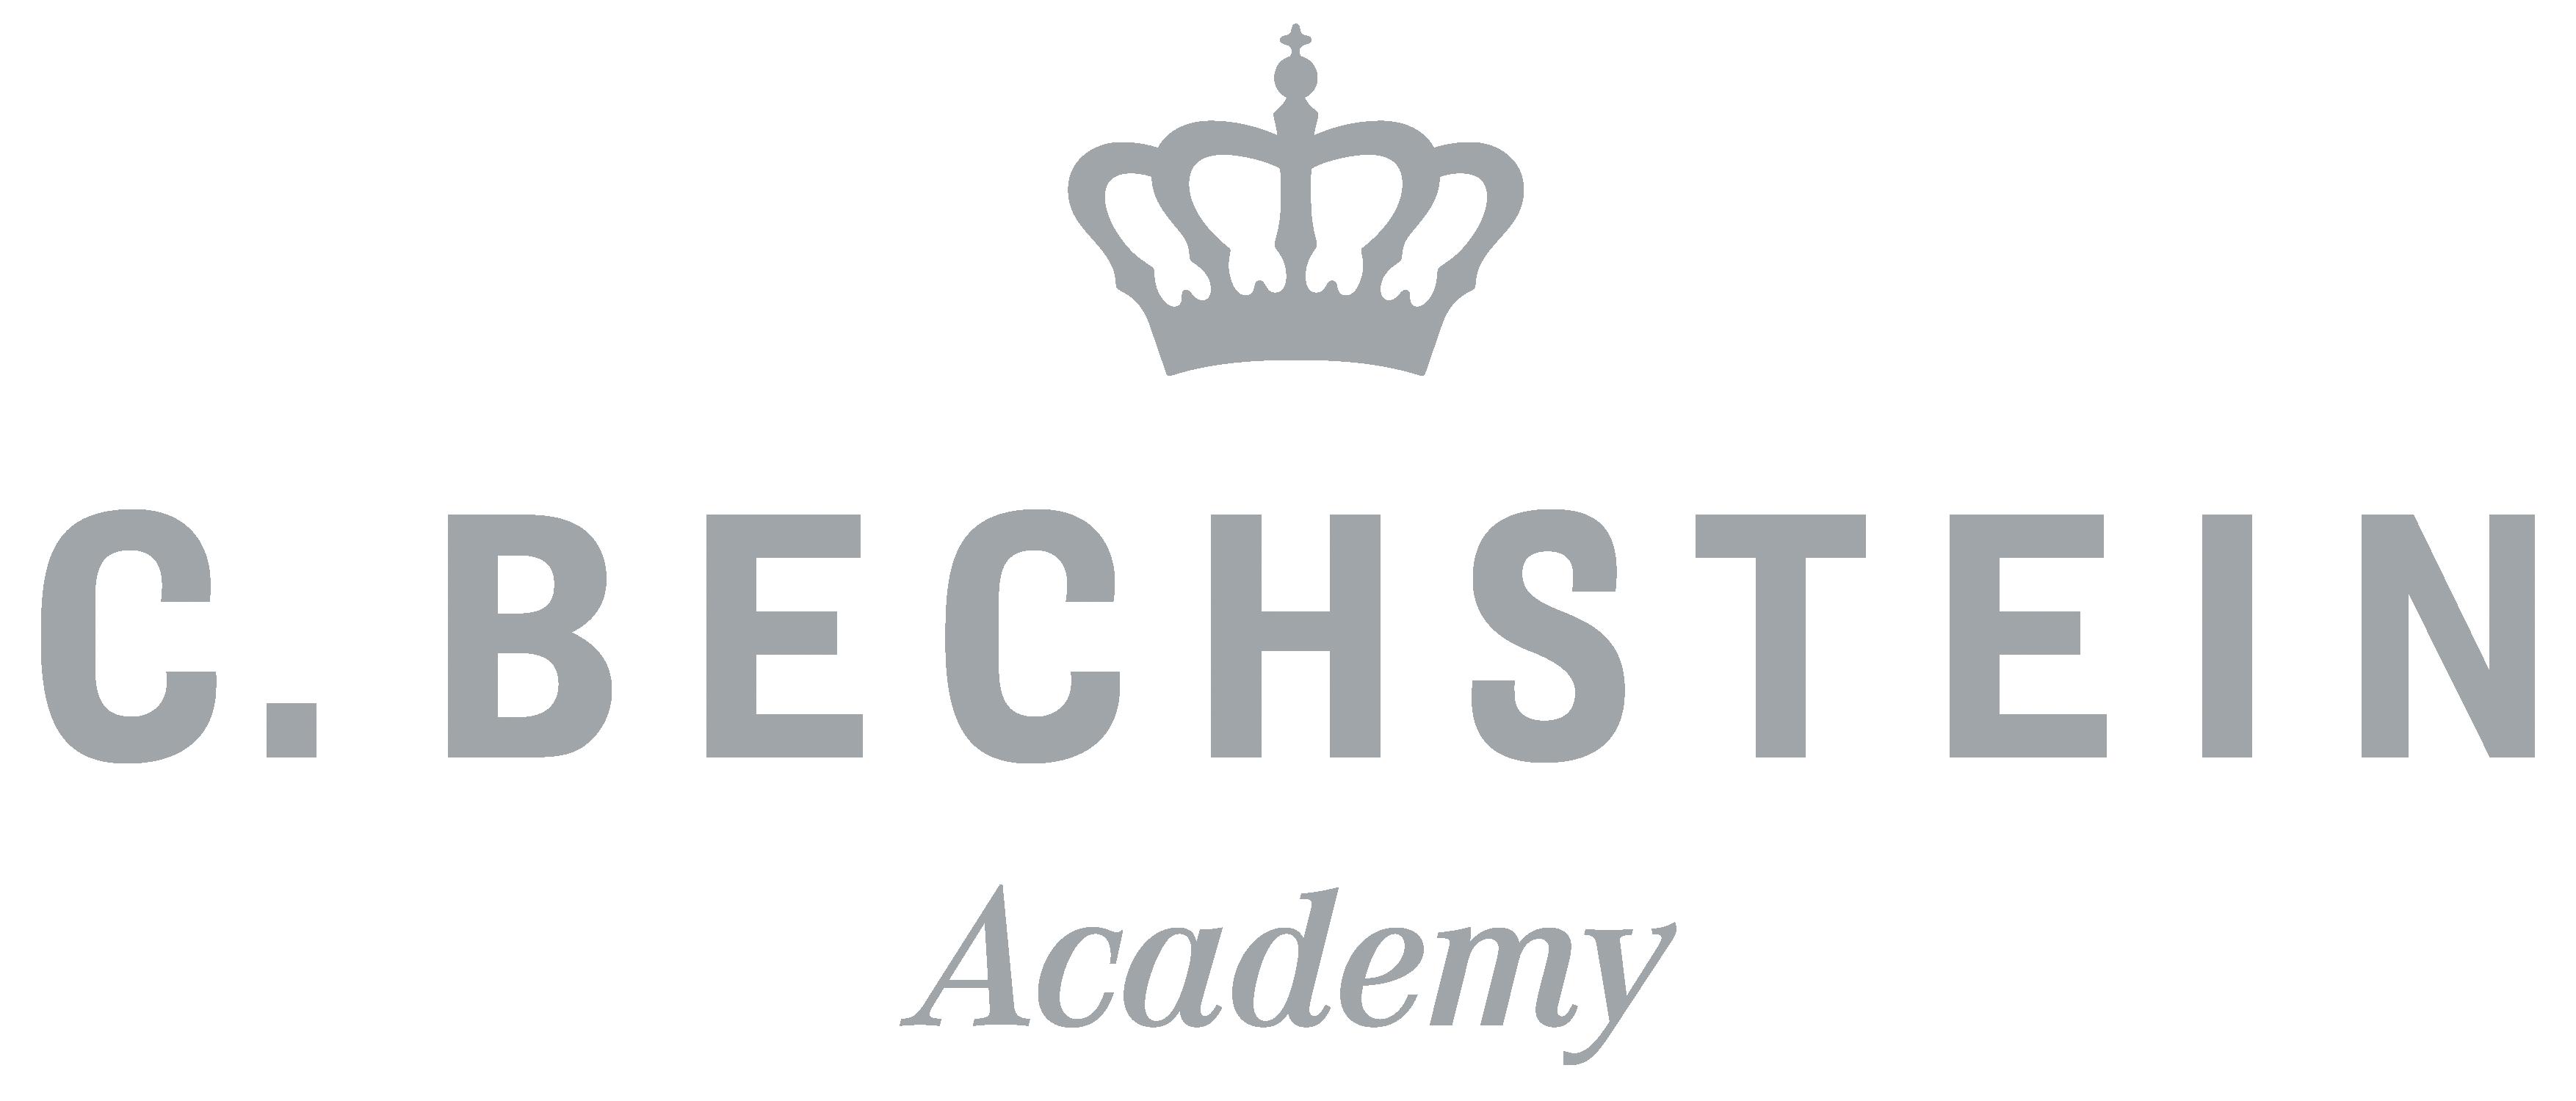 C. Bechstein Academy